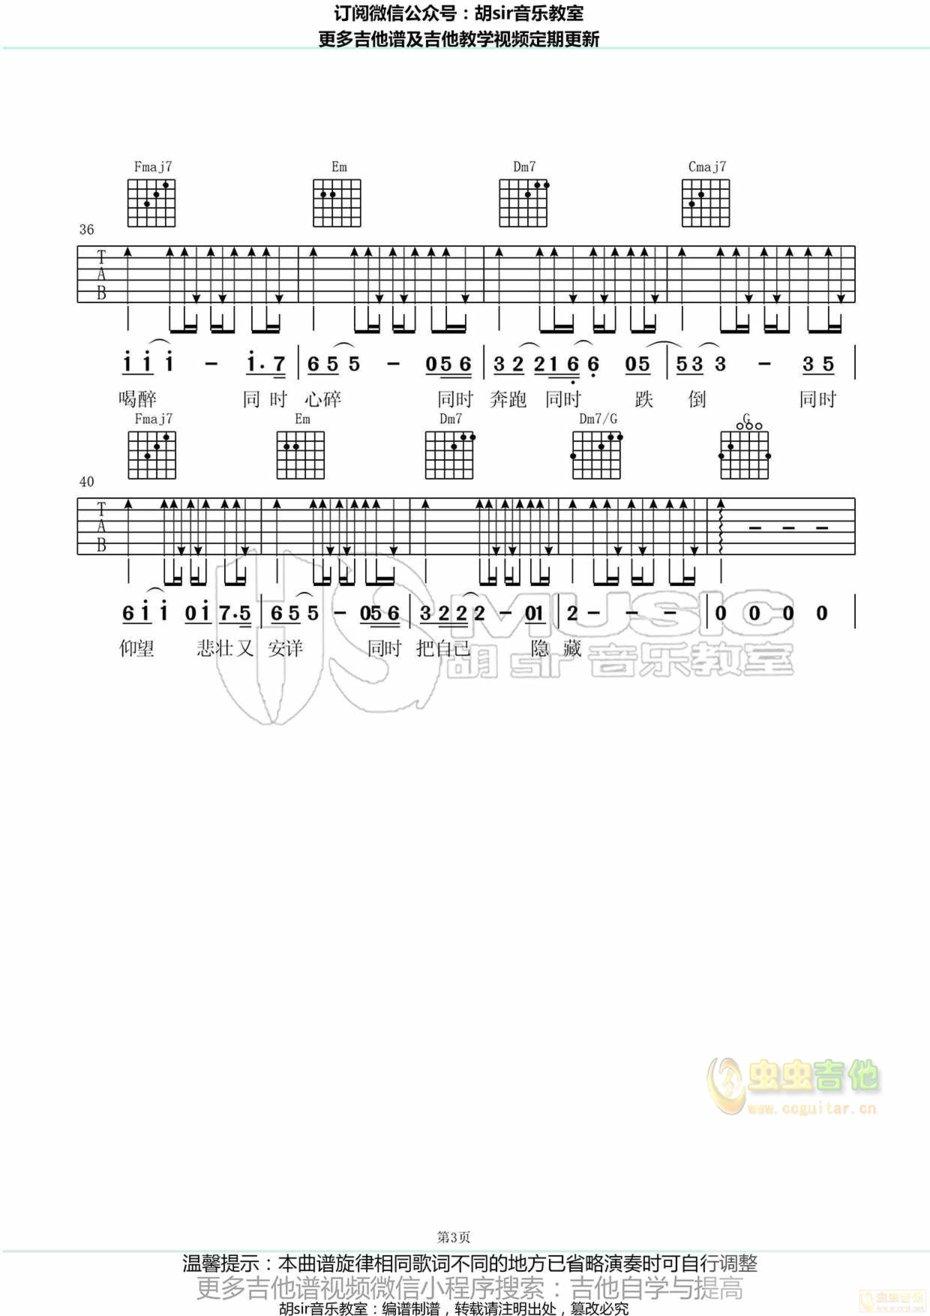 同時-戴荃-图片吉他谱-3